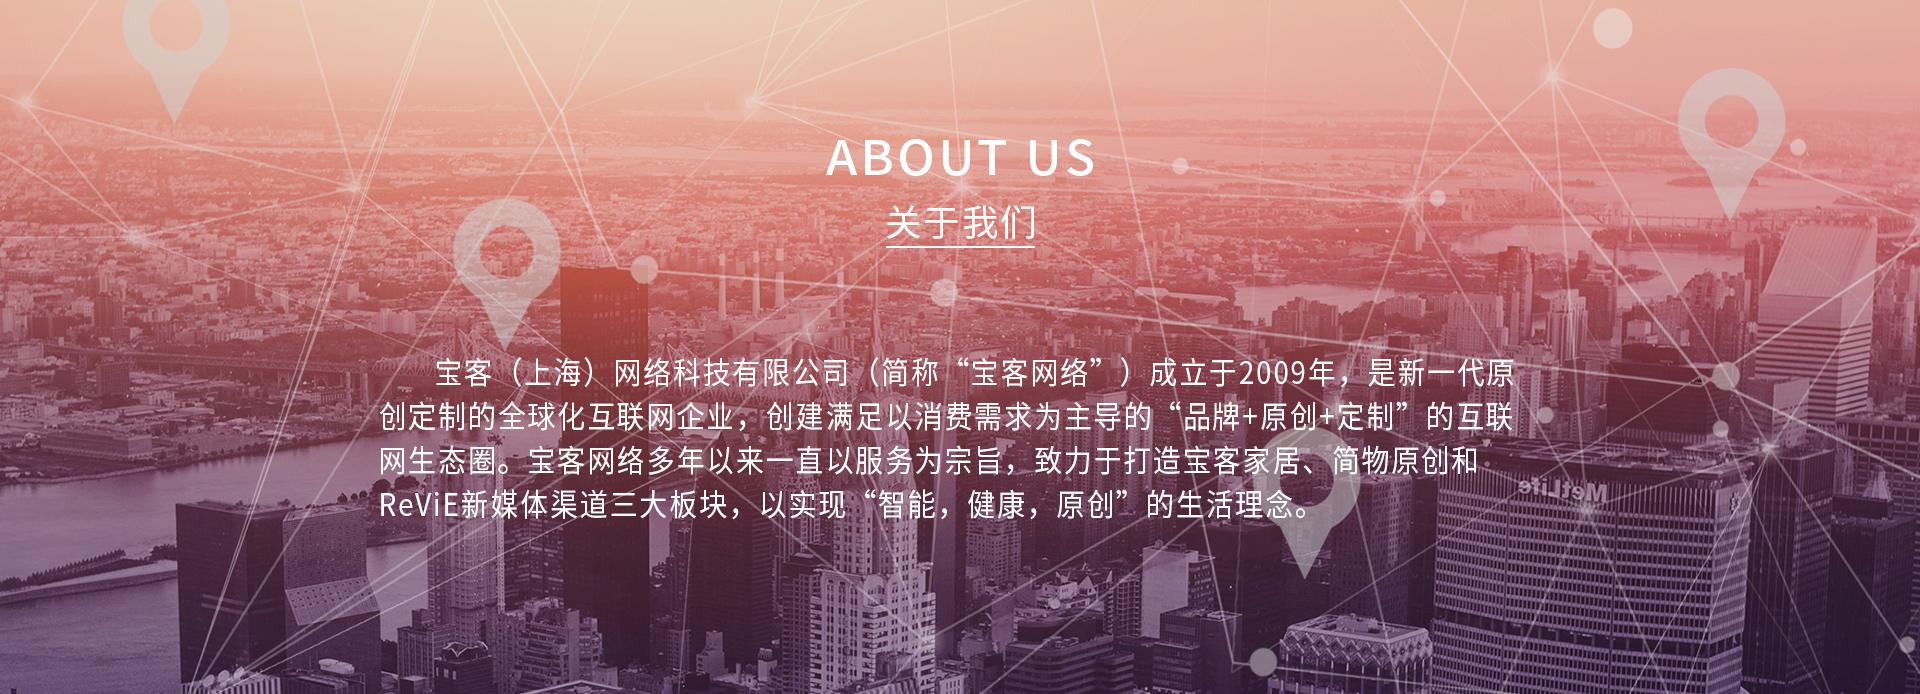 公司网站关于我们.jpg